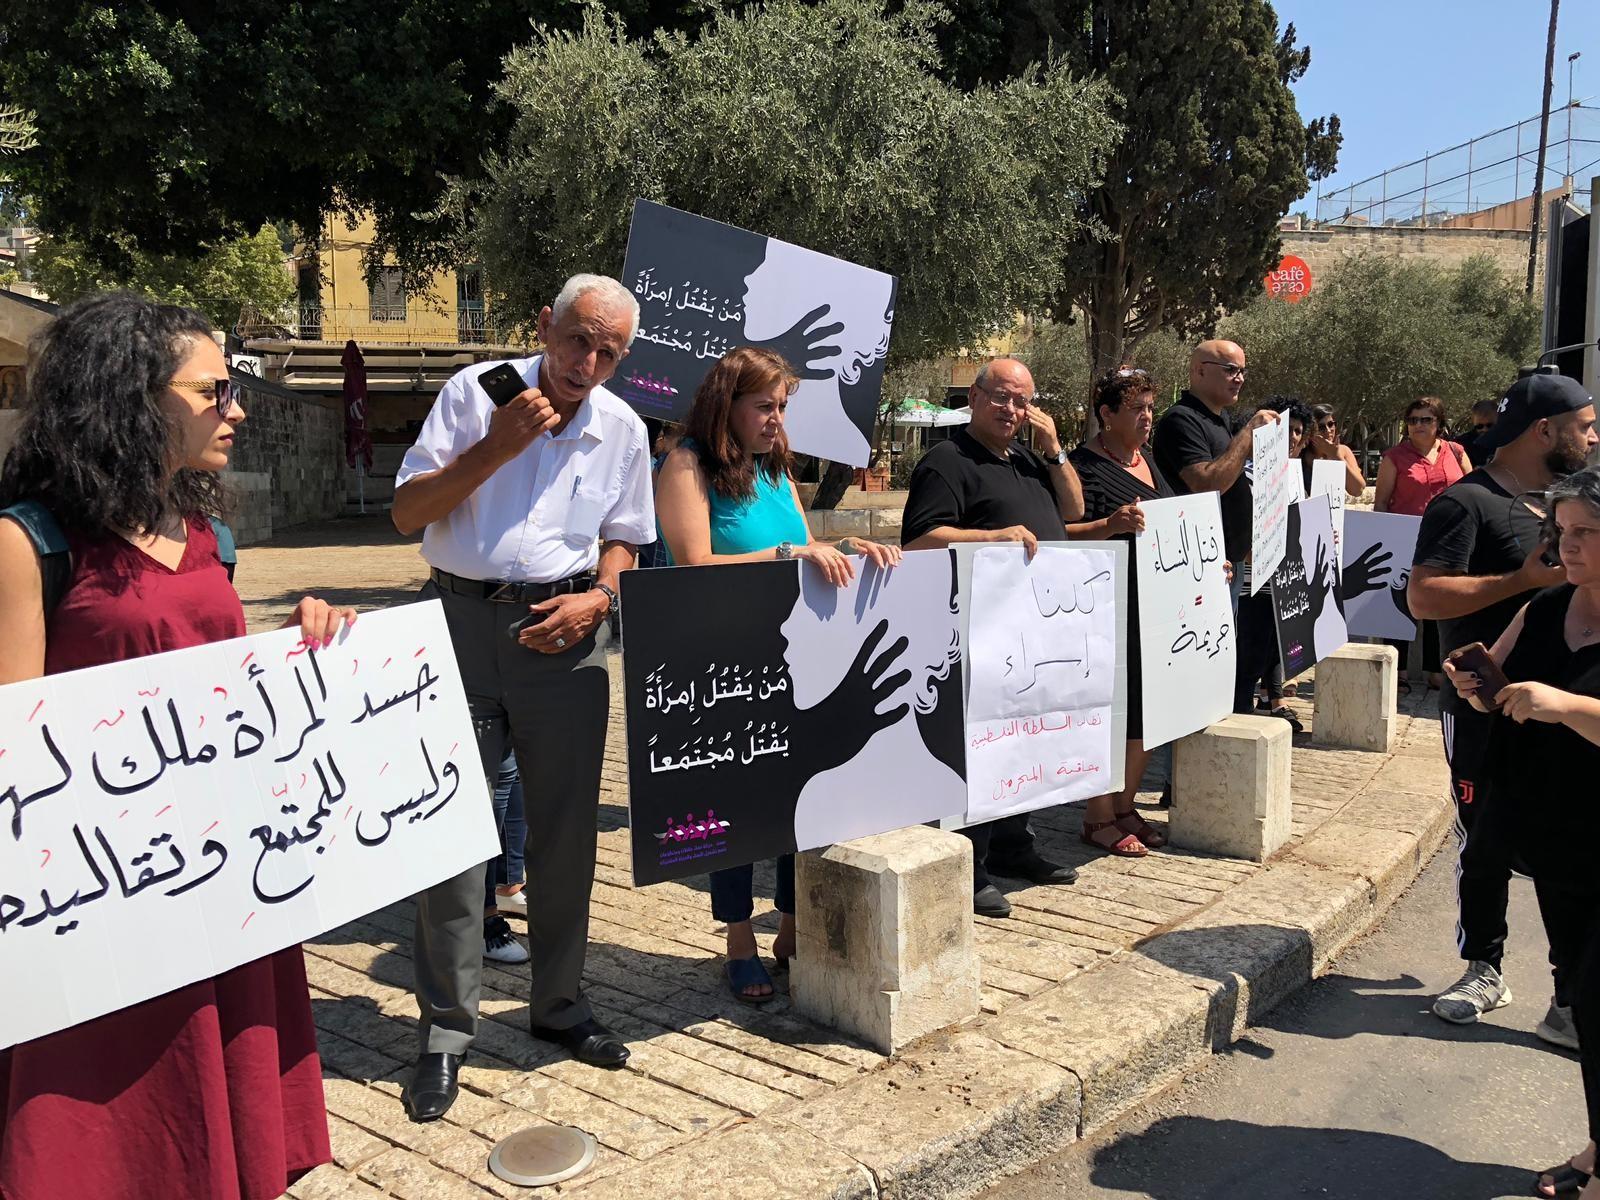 من التظاهرة في الناصرة (عرب ٤٨)